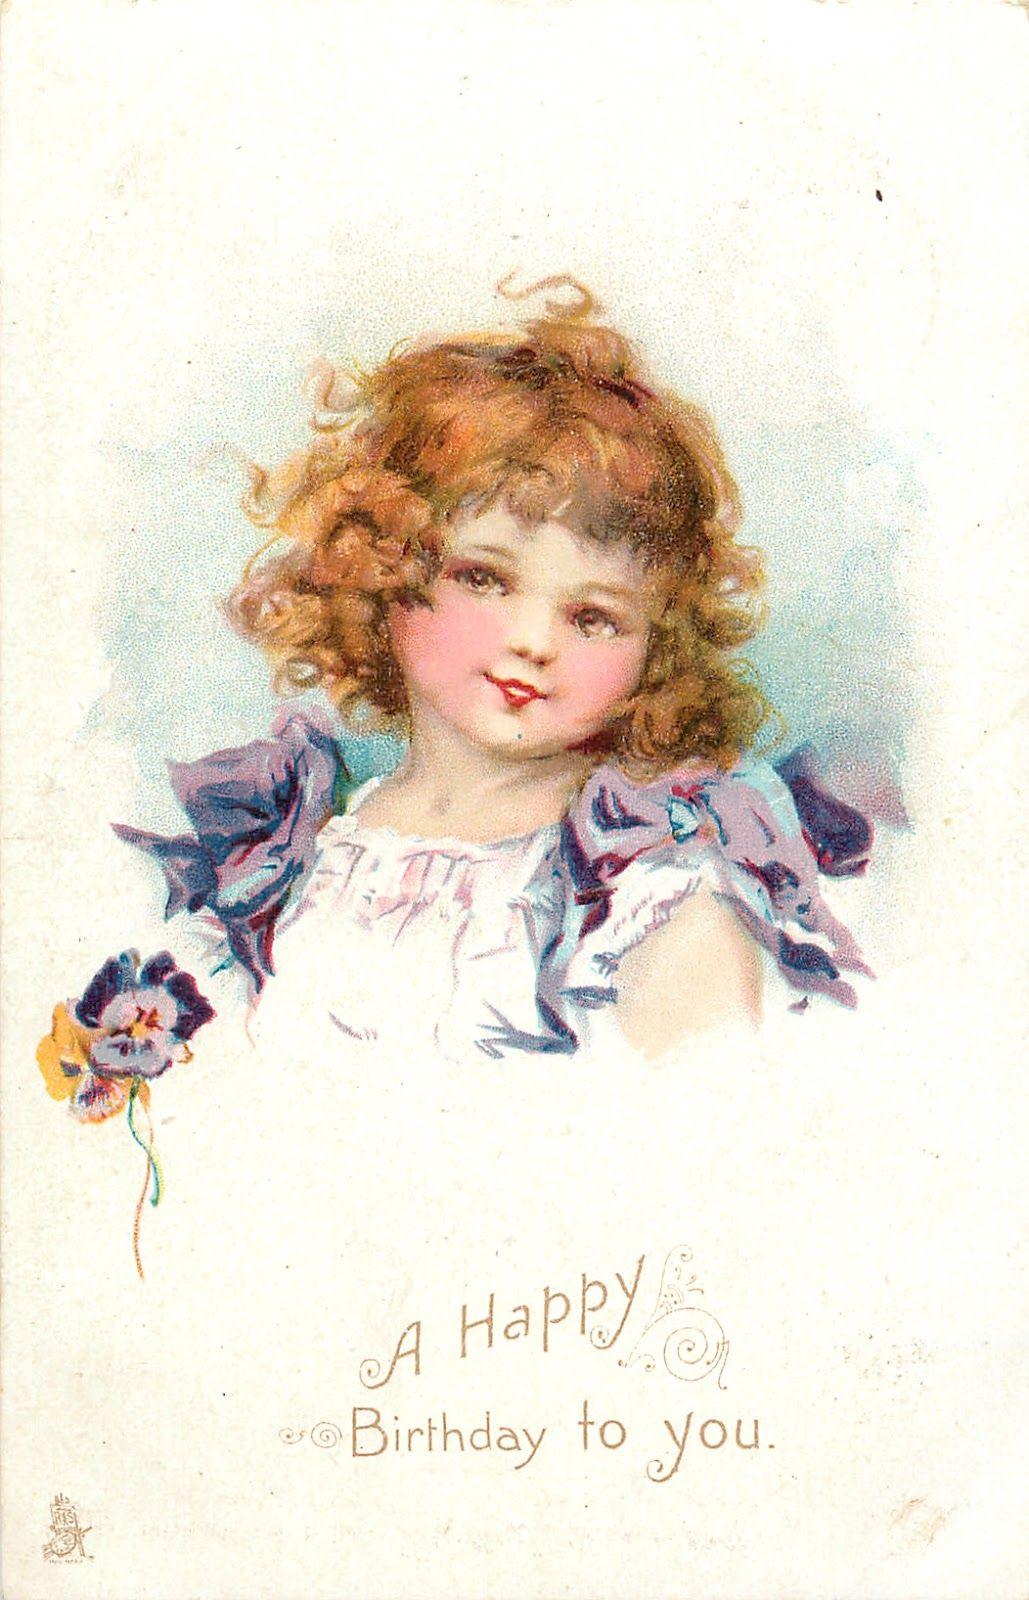 День рождения детей открытки старинные